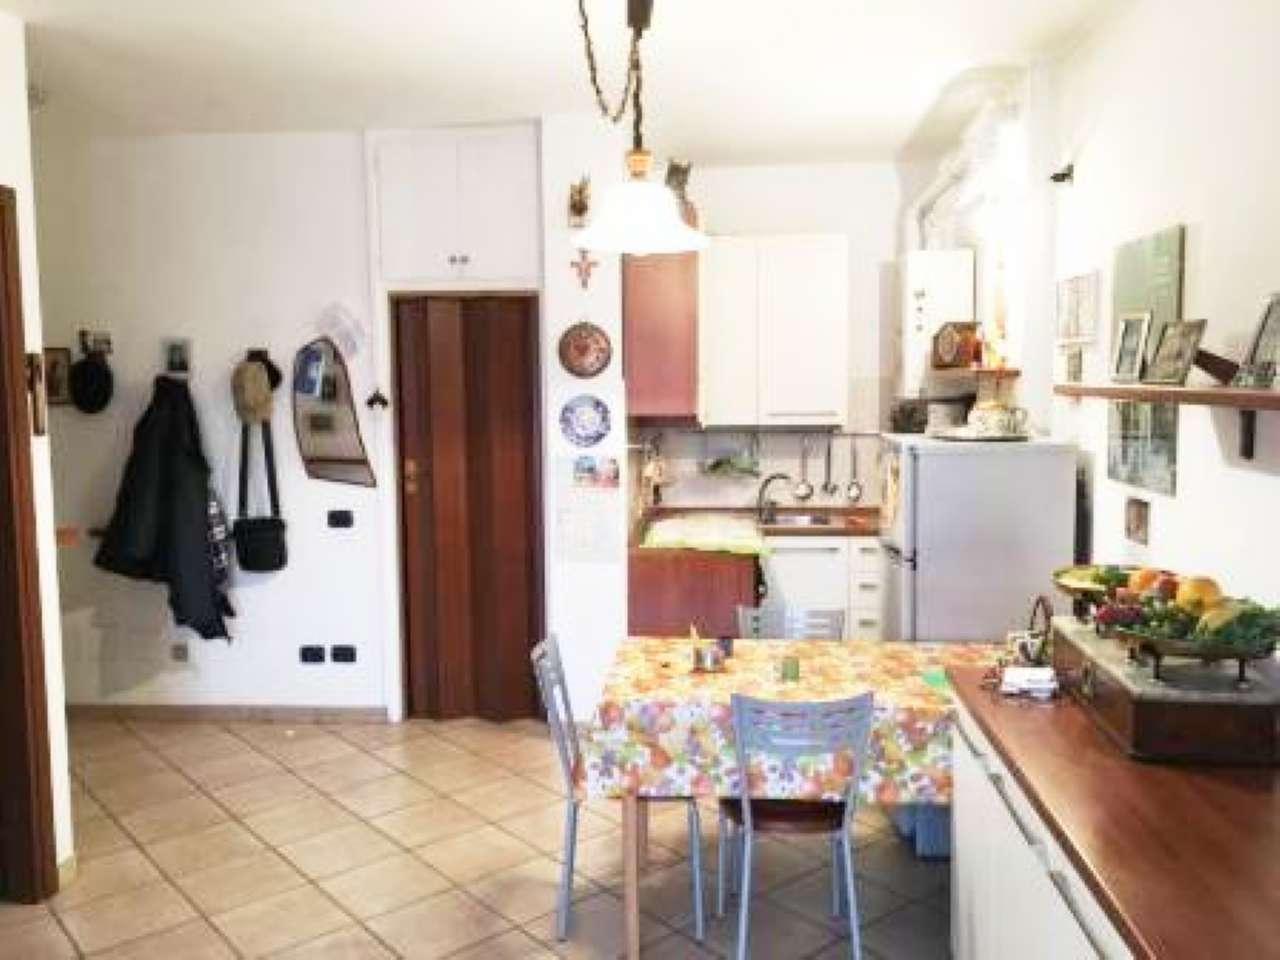 Appartamento in vendita a Gerenzano, 2 locali, prezzo € 110.000 | CambioCasa.it